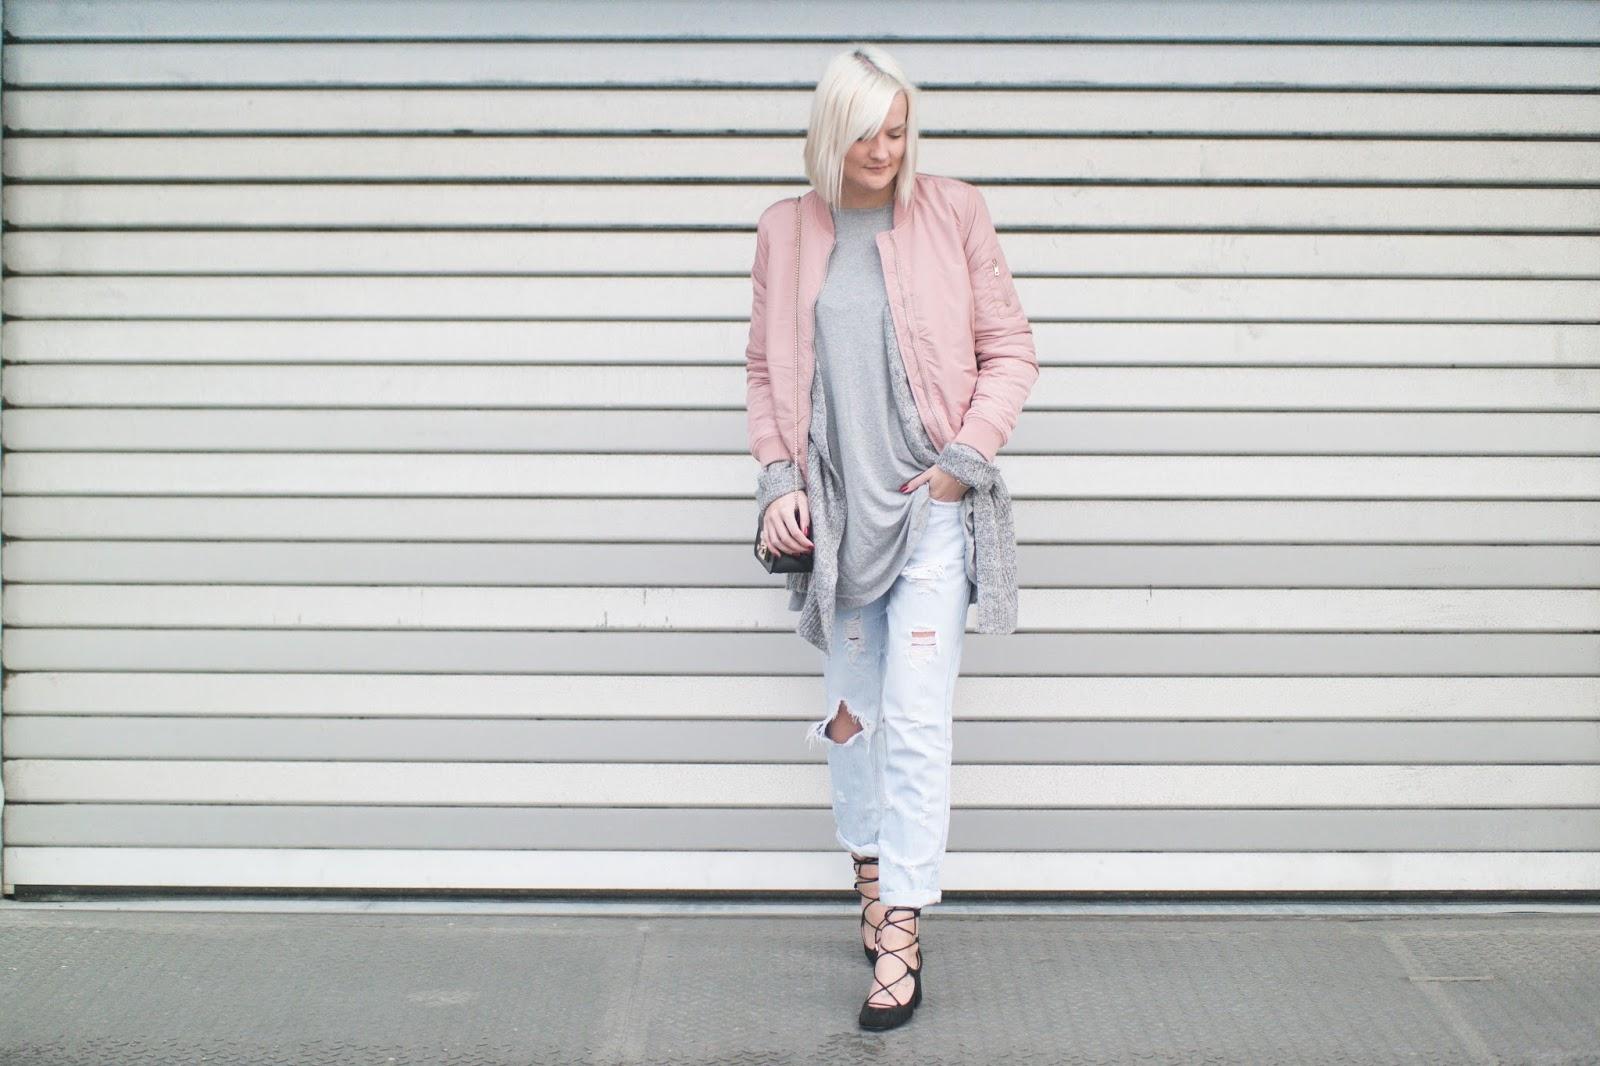 e7e2cf776587a Tasche schwarz  Furla Ripped Jeans  Zara Geschnürte Pumps  Zara Cardigan  grau  Primark Longshirt grau  Gina Tricot